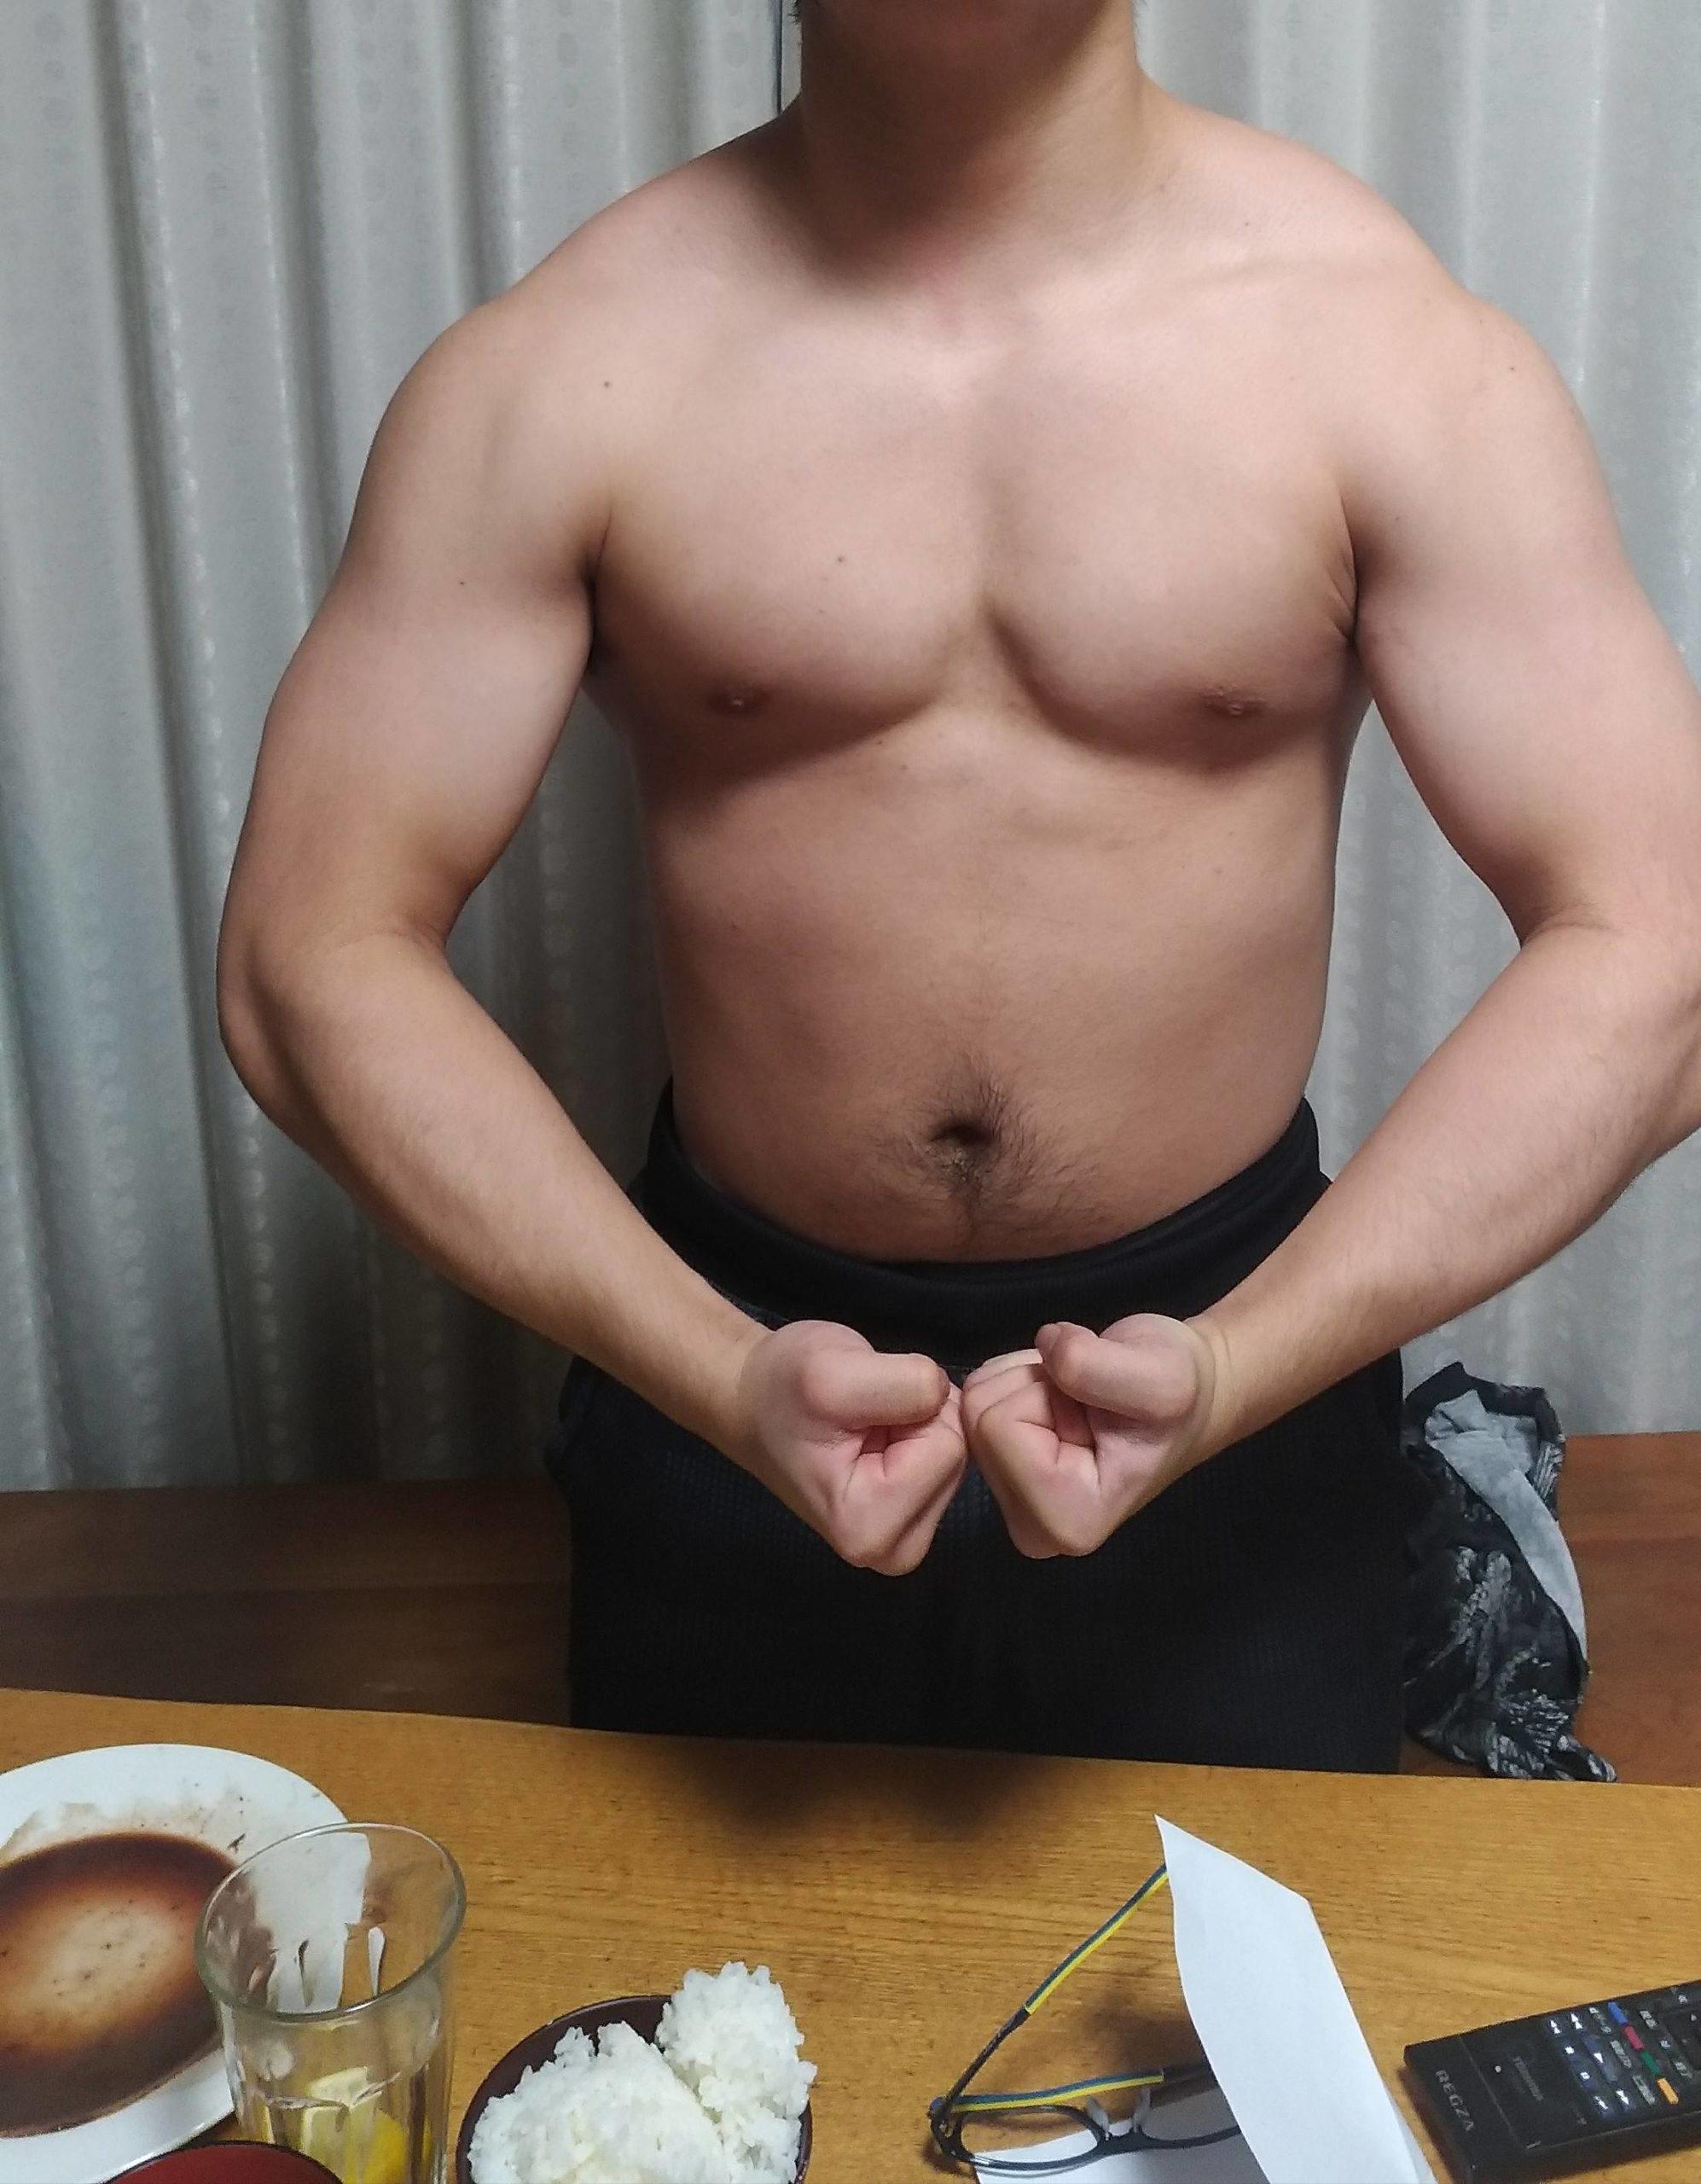 ワイ筋トレ半年の身体つきww